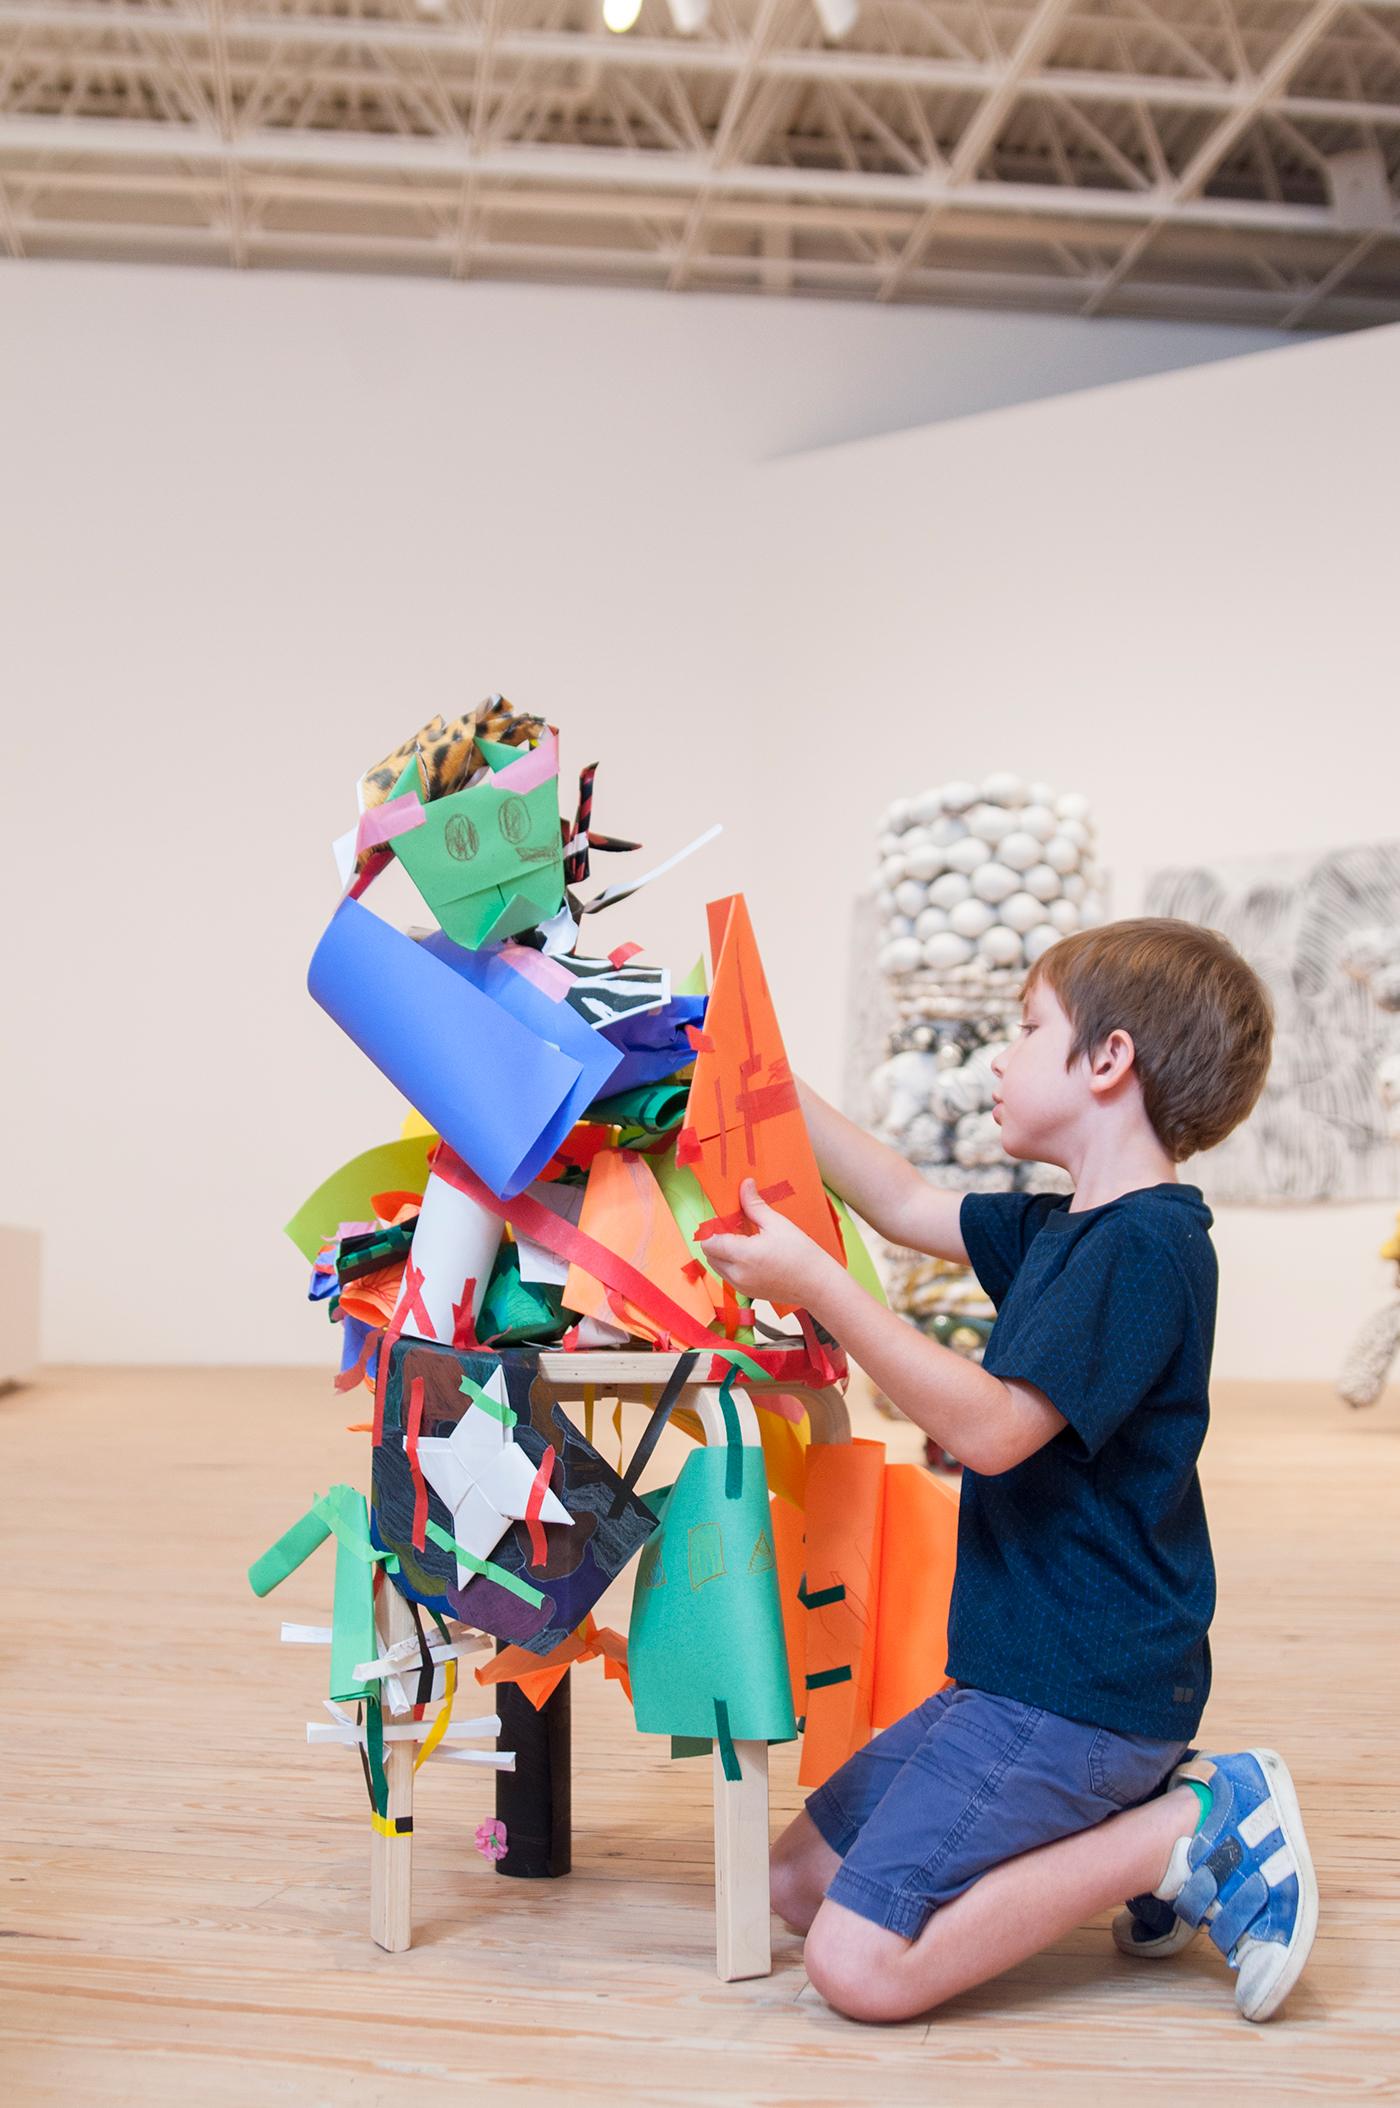 3D Paper Sculptures | Drop-In Experience